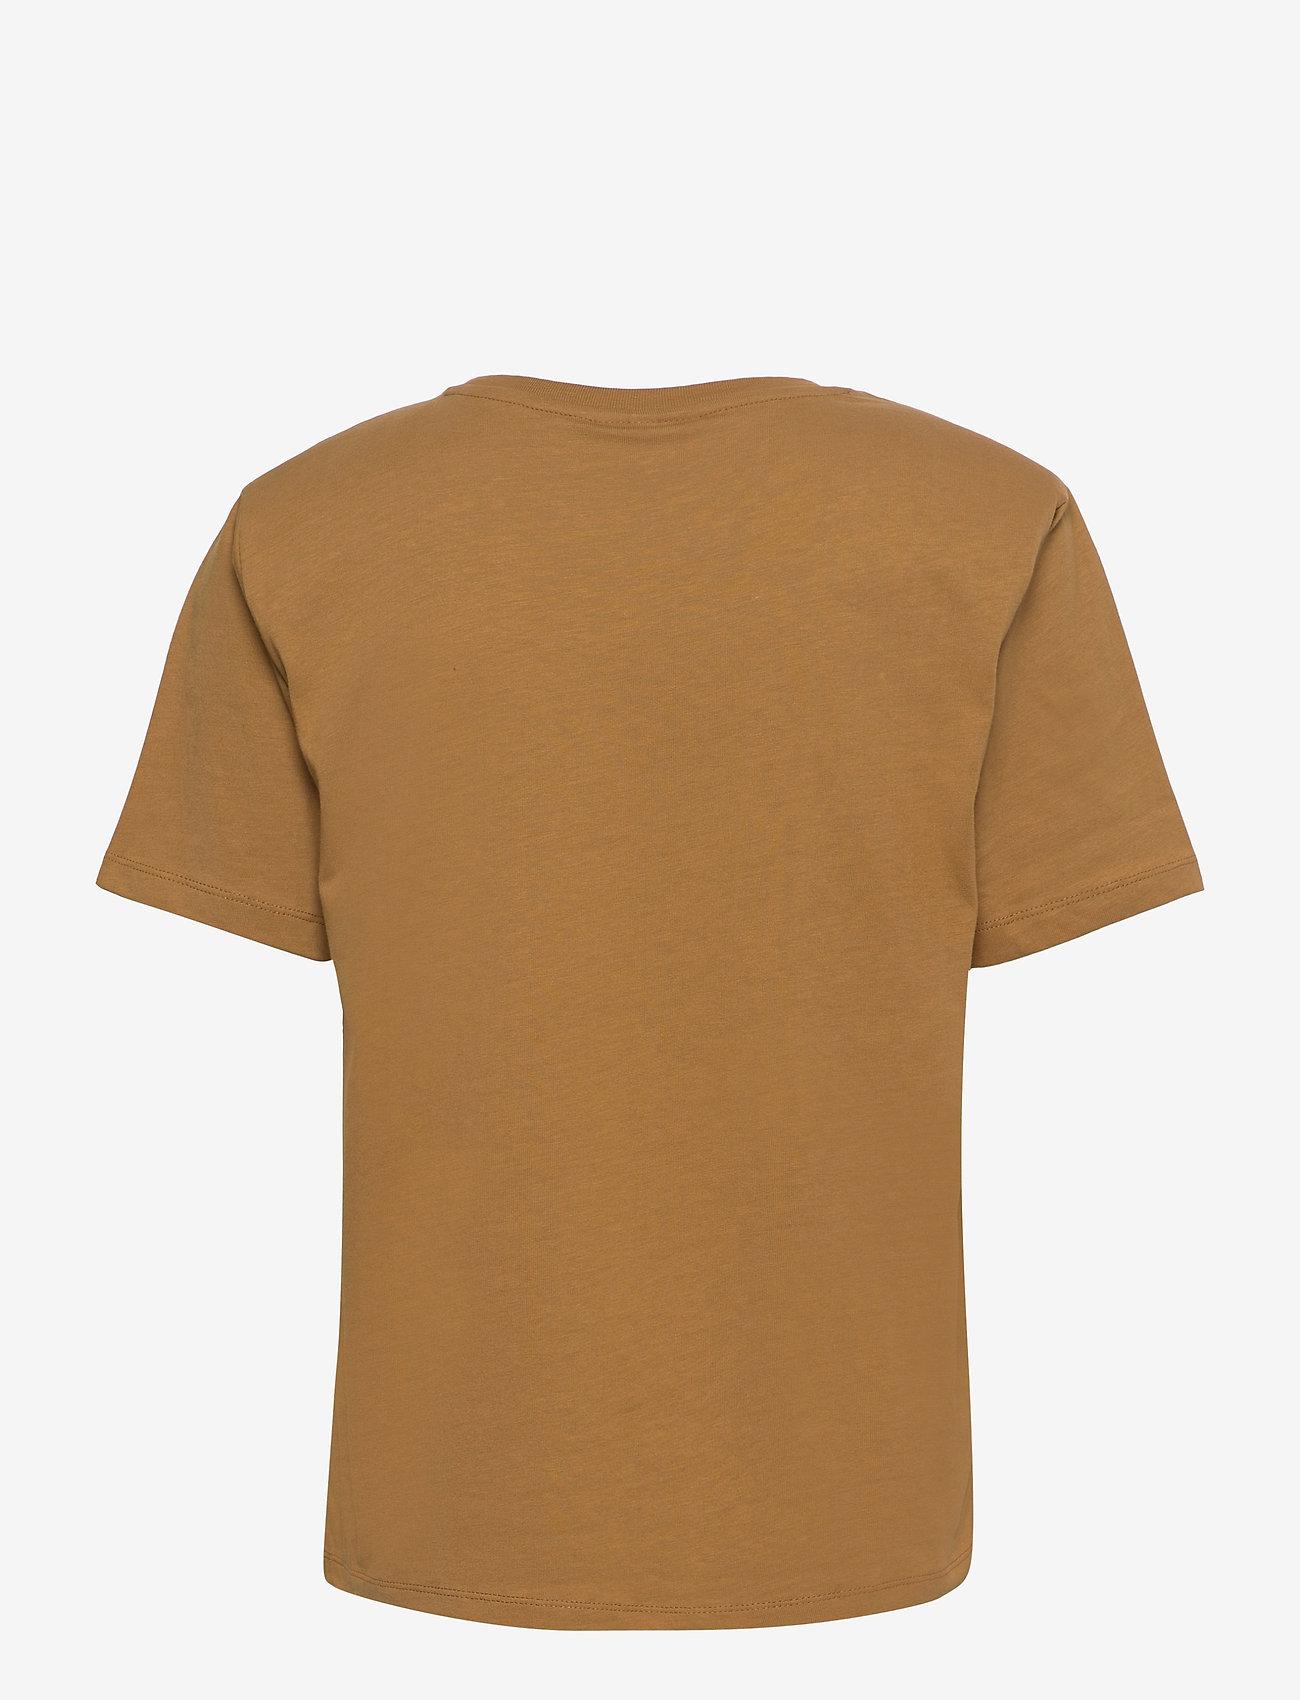 Gestuz - JoryGZ tee - t-shirts - bone brown - 2